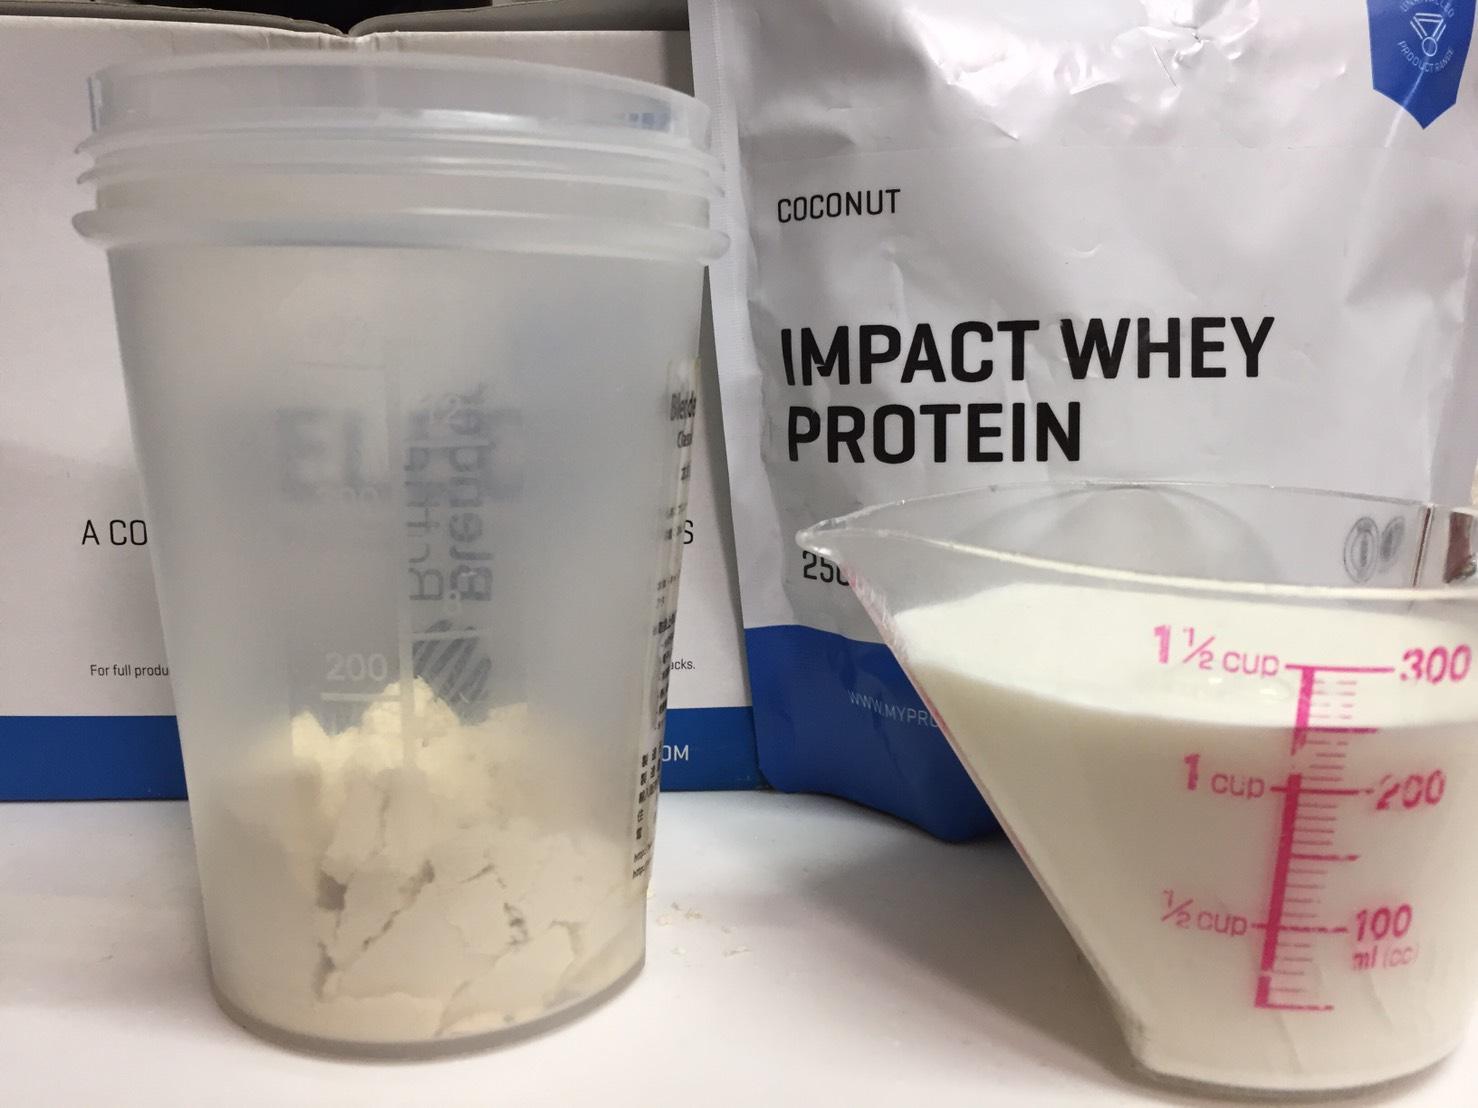 【WPC】Impactホエイプロテイン「COCONUT(ココナッツ味)」を250mlの牛乳に溶かします。